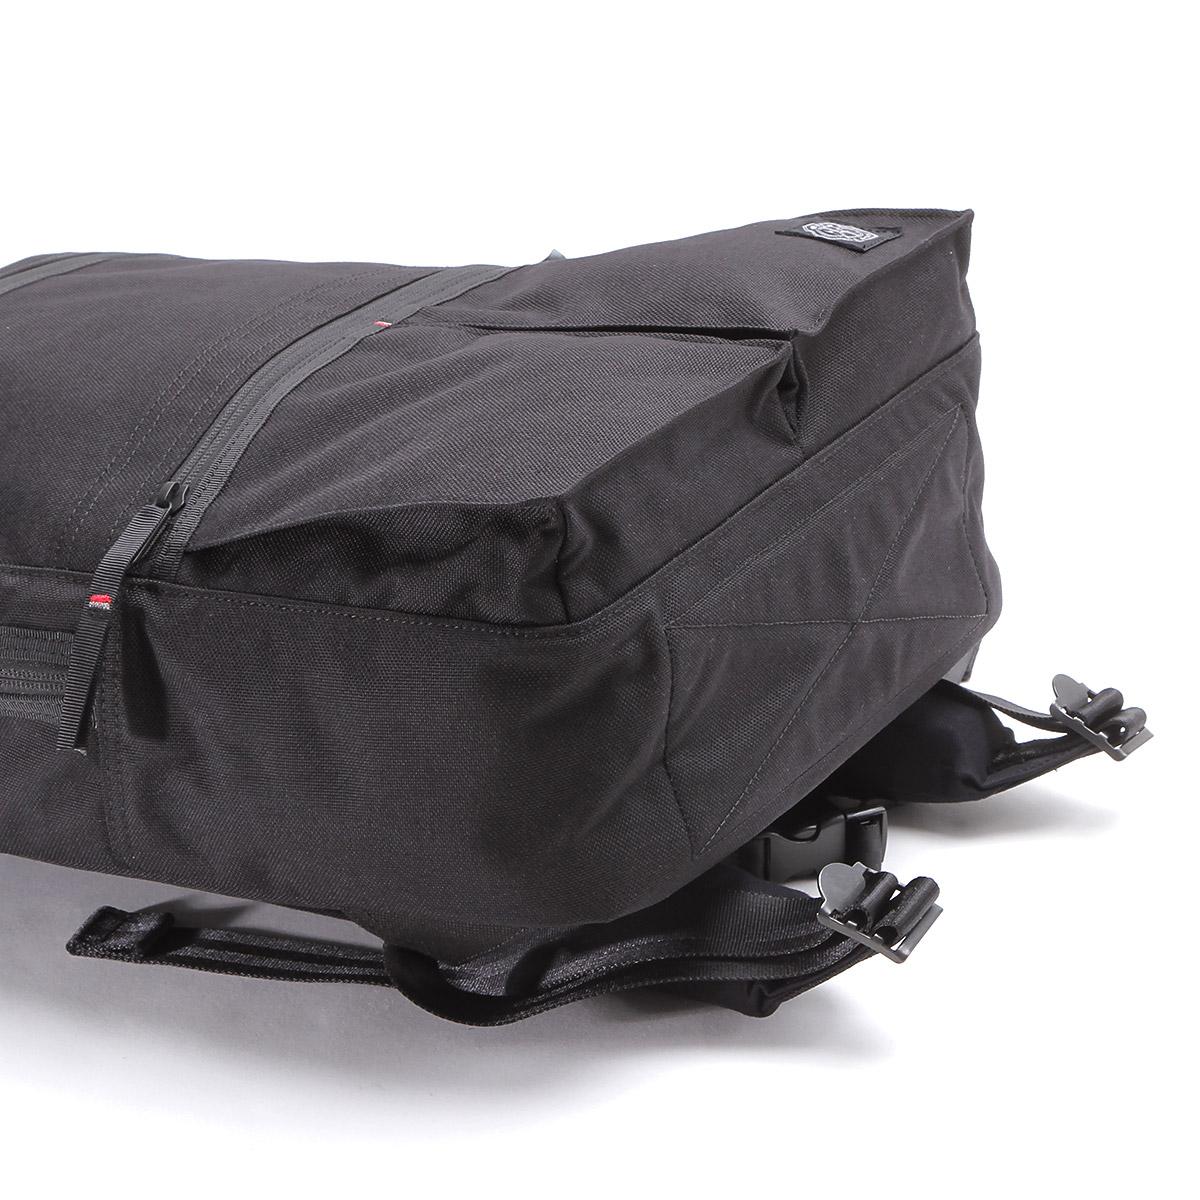 正規販売店 ポータークラシック ニュートン ビジネス リュックサック muatsu バックパック newtonbag BUSINESS RUCKSACK Porter Classic PC 050 952Nnw80m